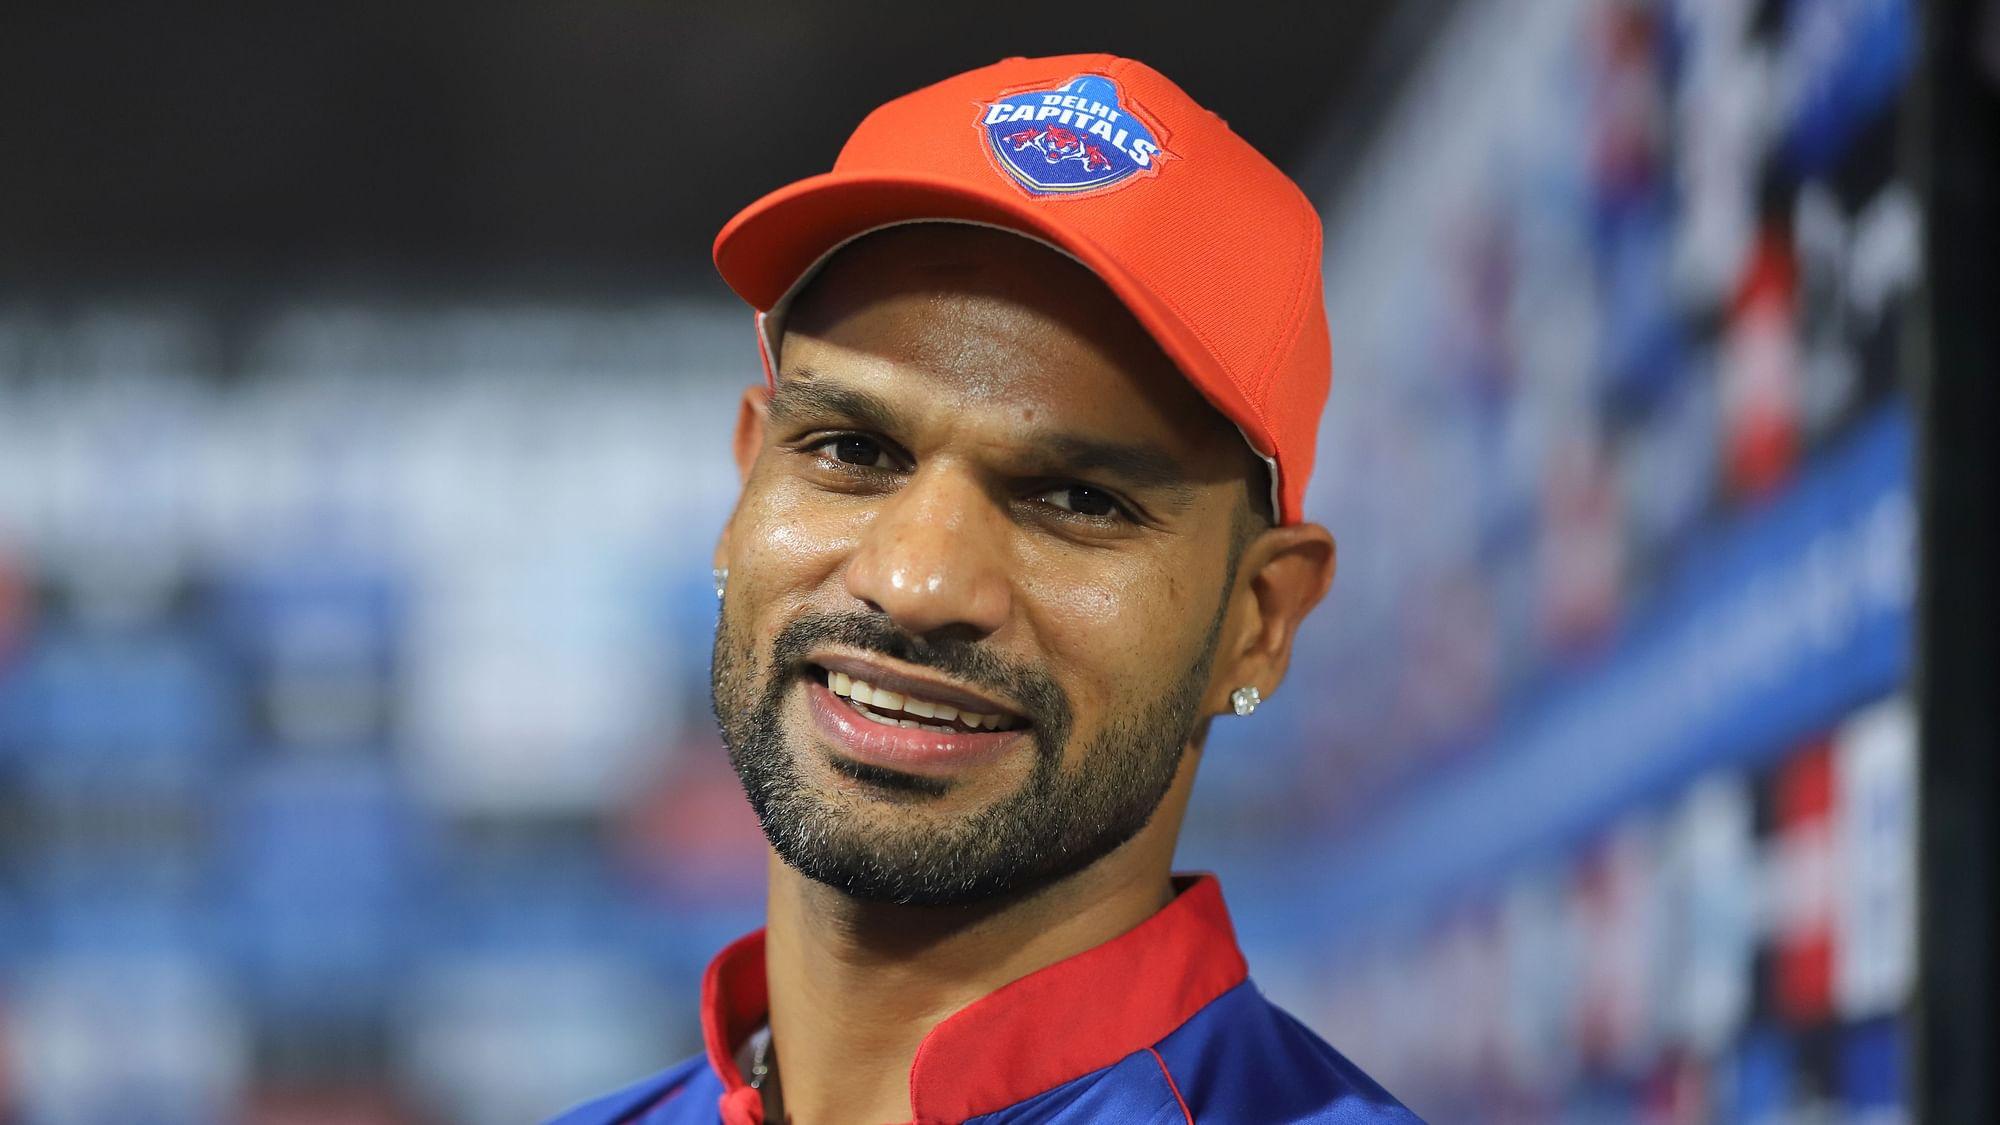 शिखर धवन आईपीएल 2021 में सबसे ज़्यादा रन बनाने वाले खिलाड़ी है। उनके नाम 8 मैचों में 380 रन है।